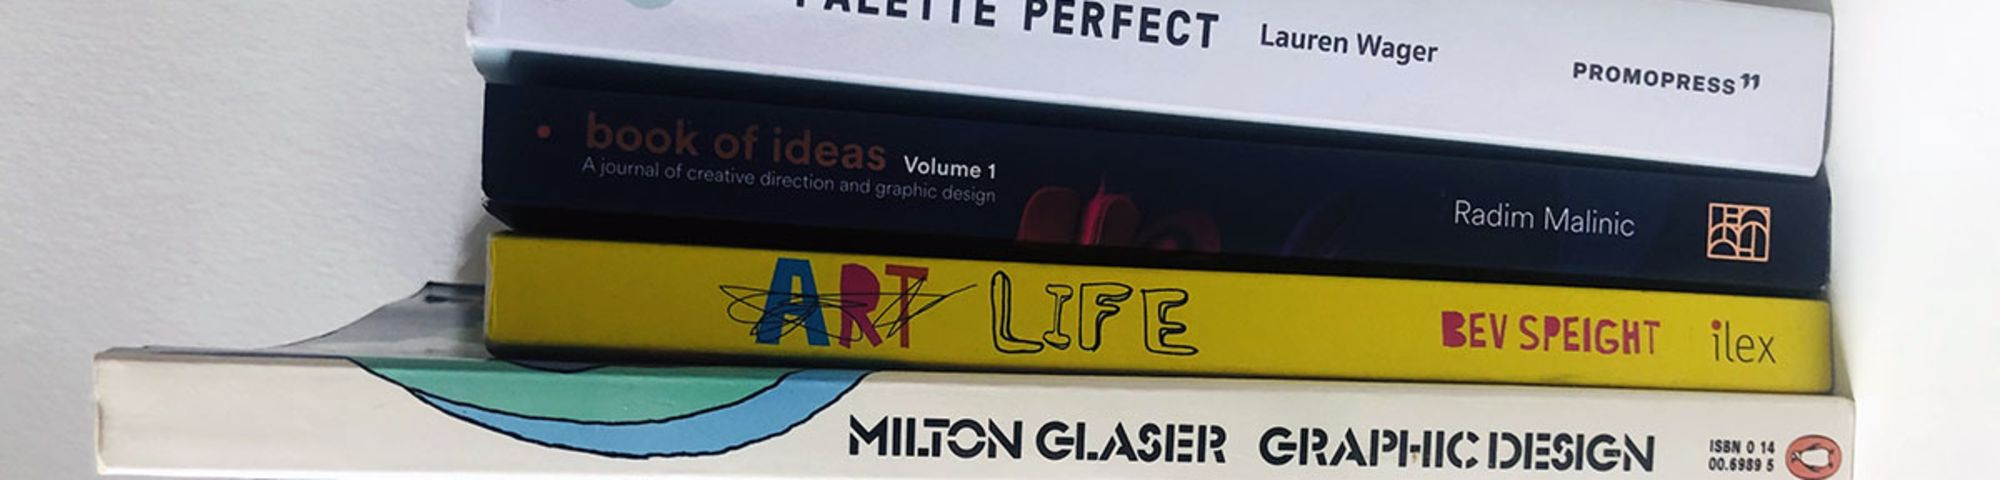 Jo's Bookshelf Picks stacked together.